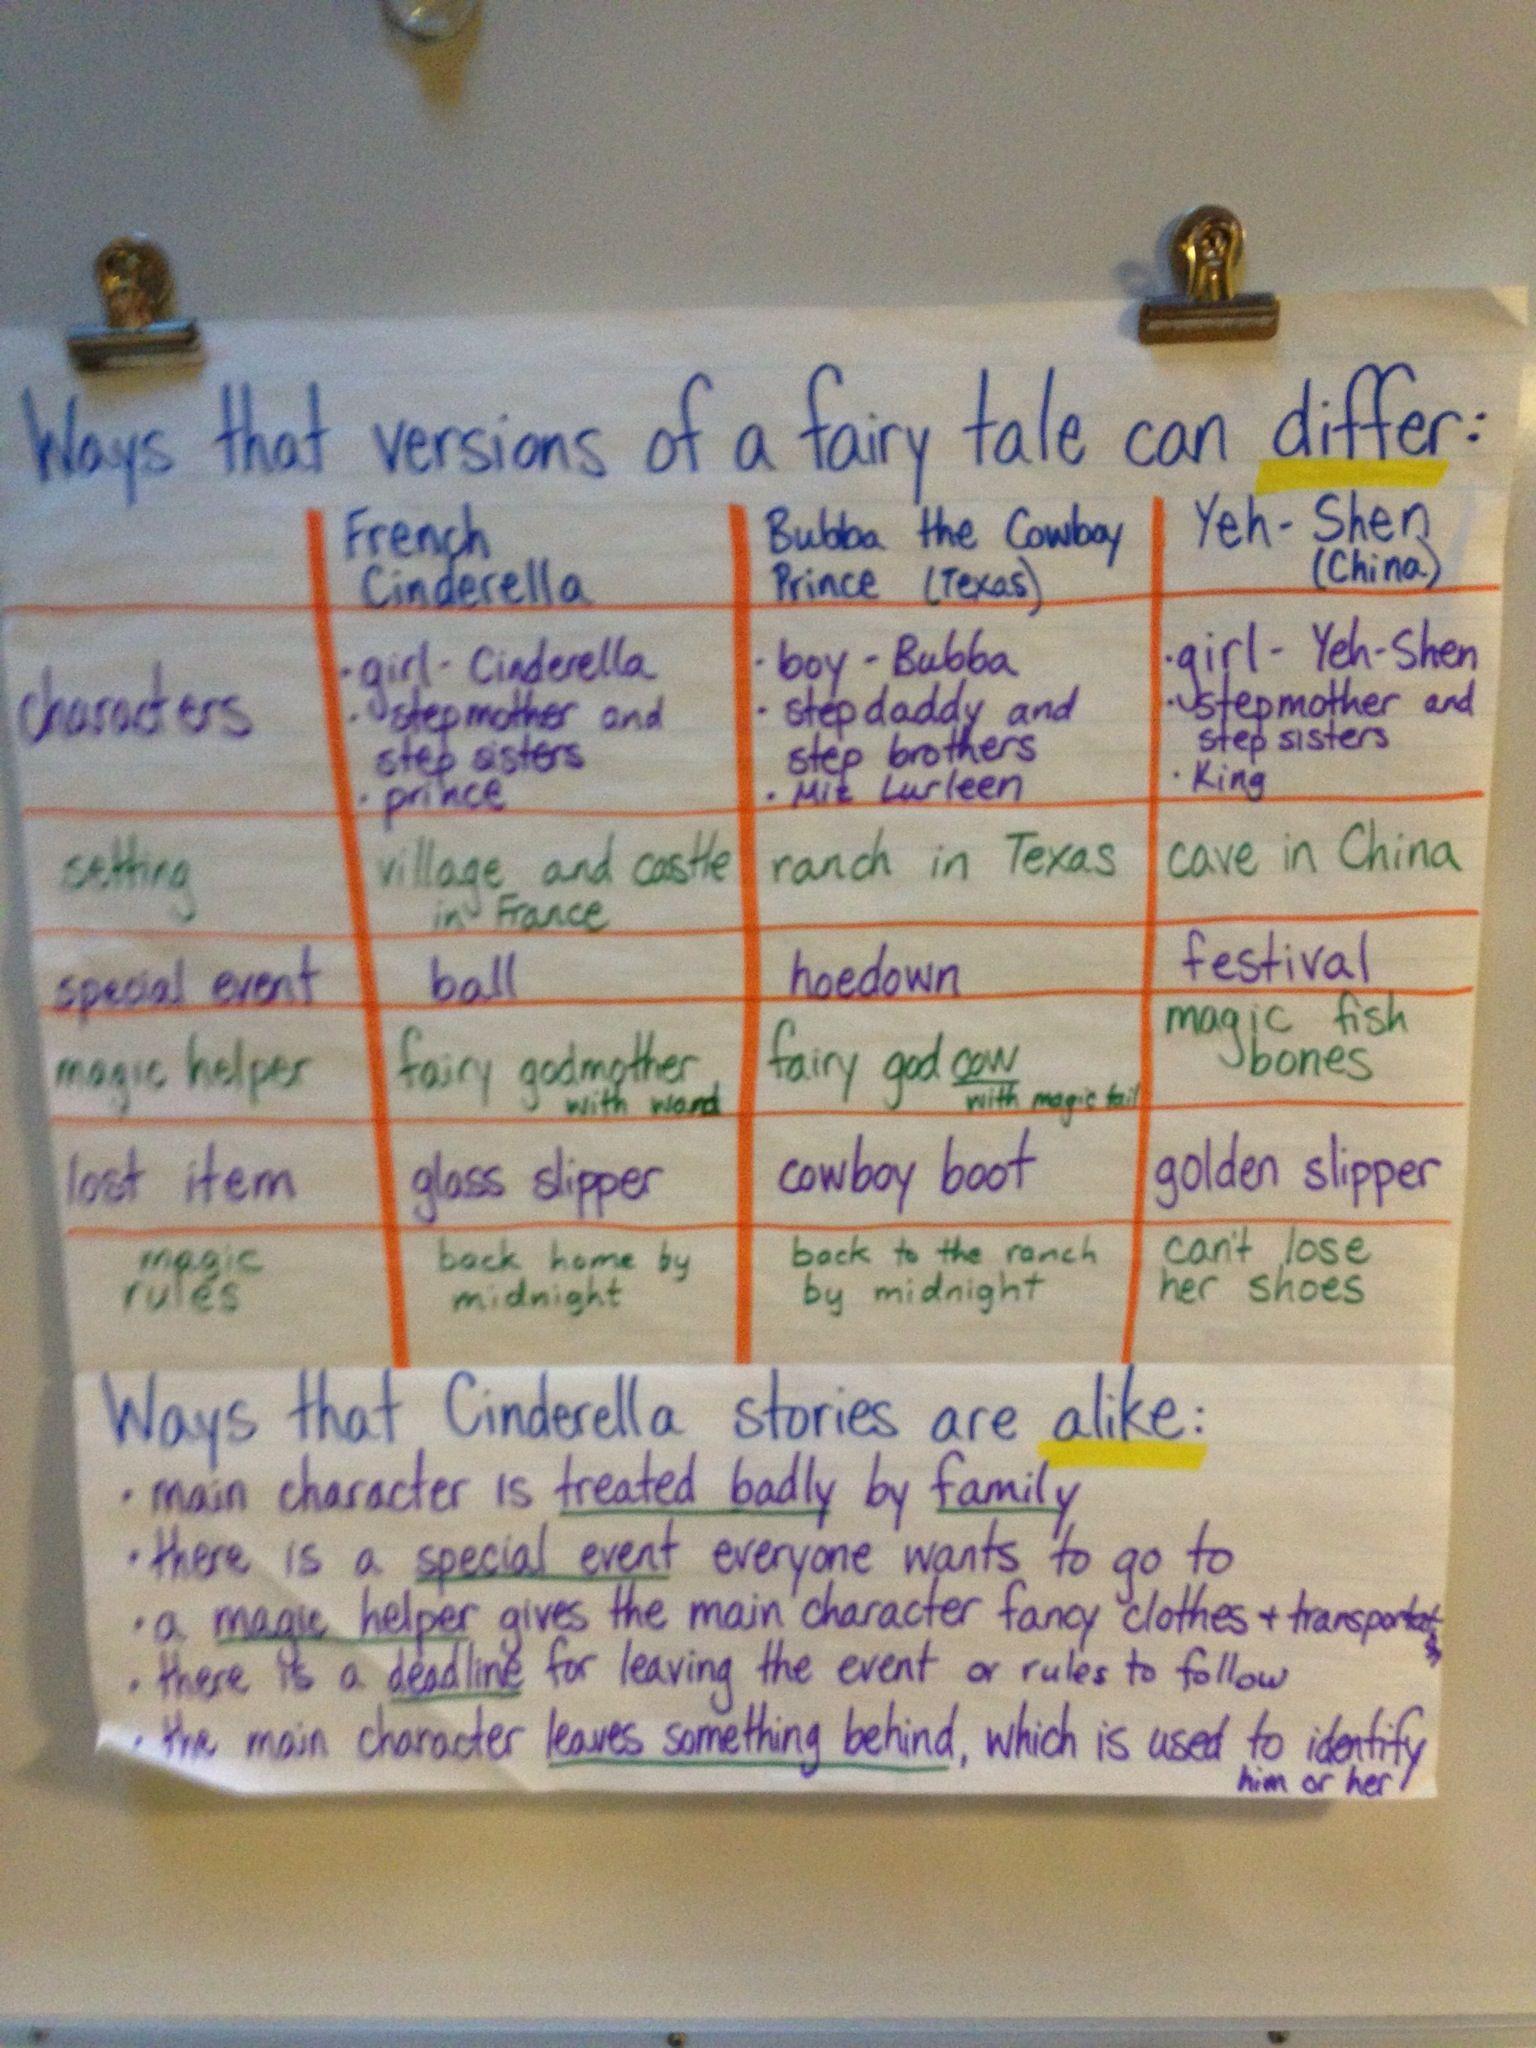 Compare contrast essay cinderella stories